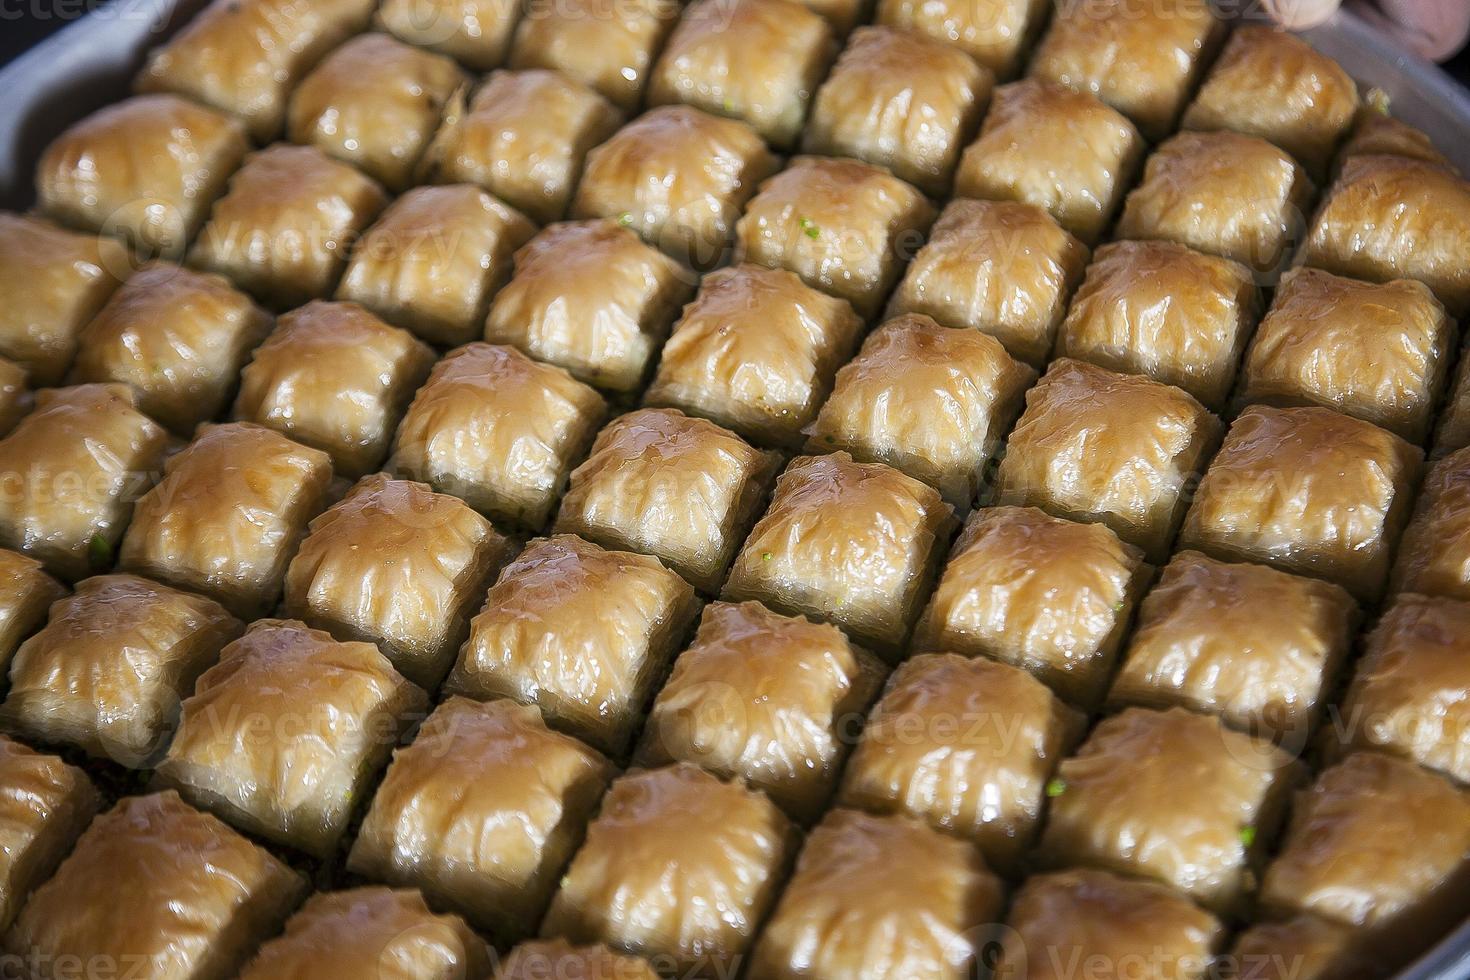 baklava, dessert turc à base de pâte fine, noix et miel photo